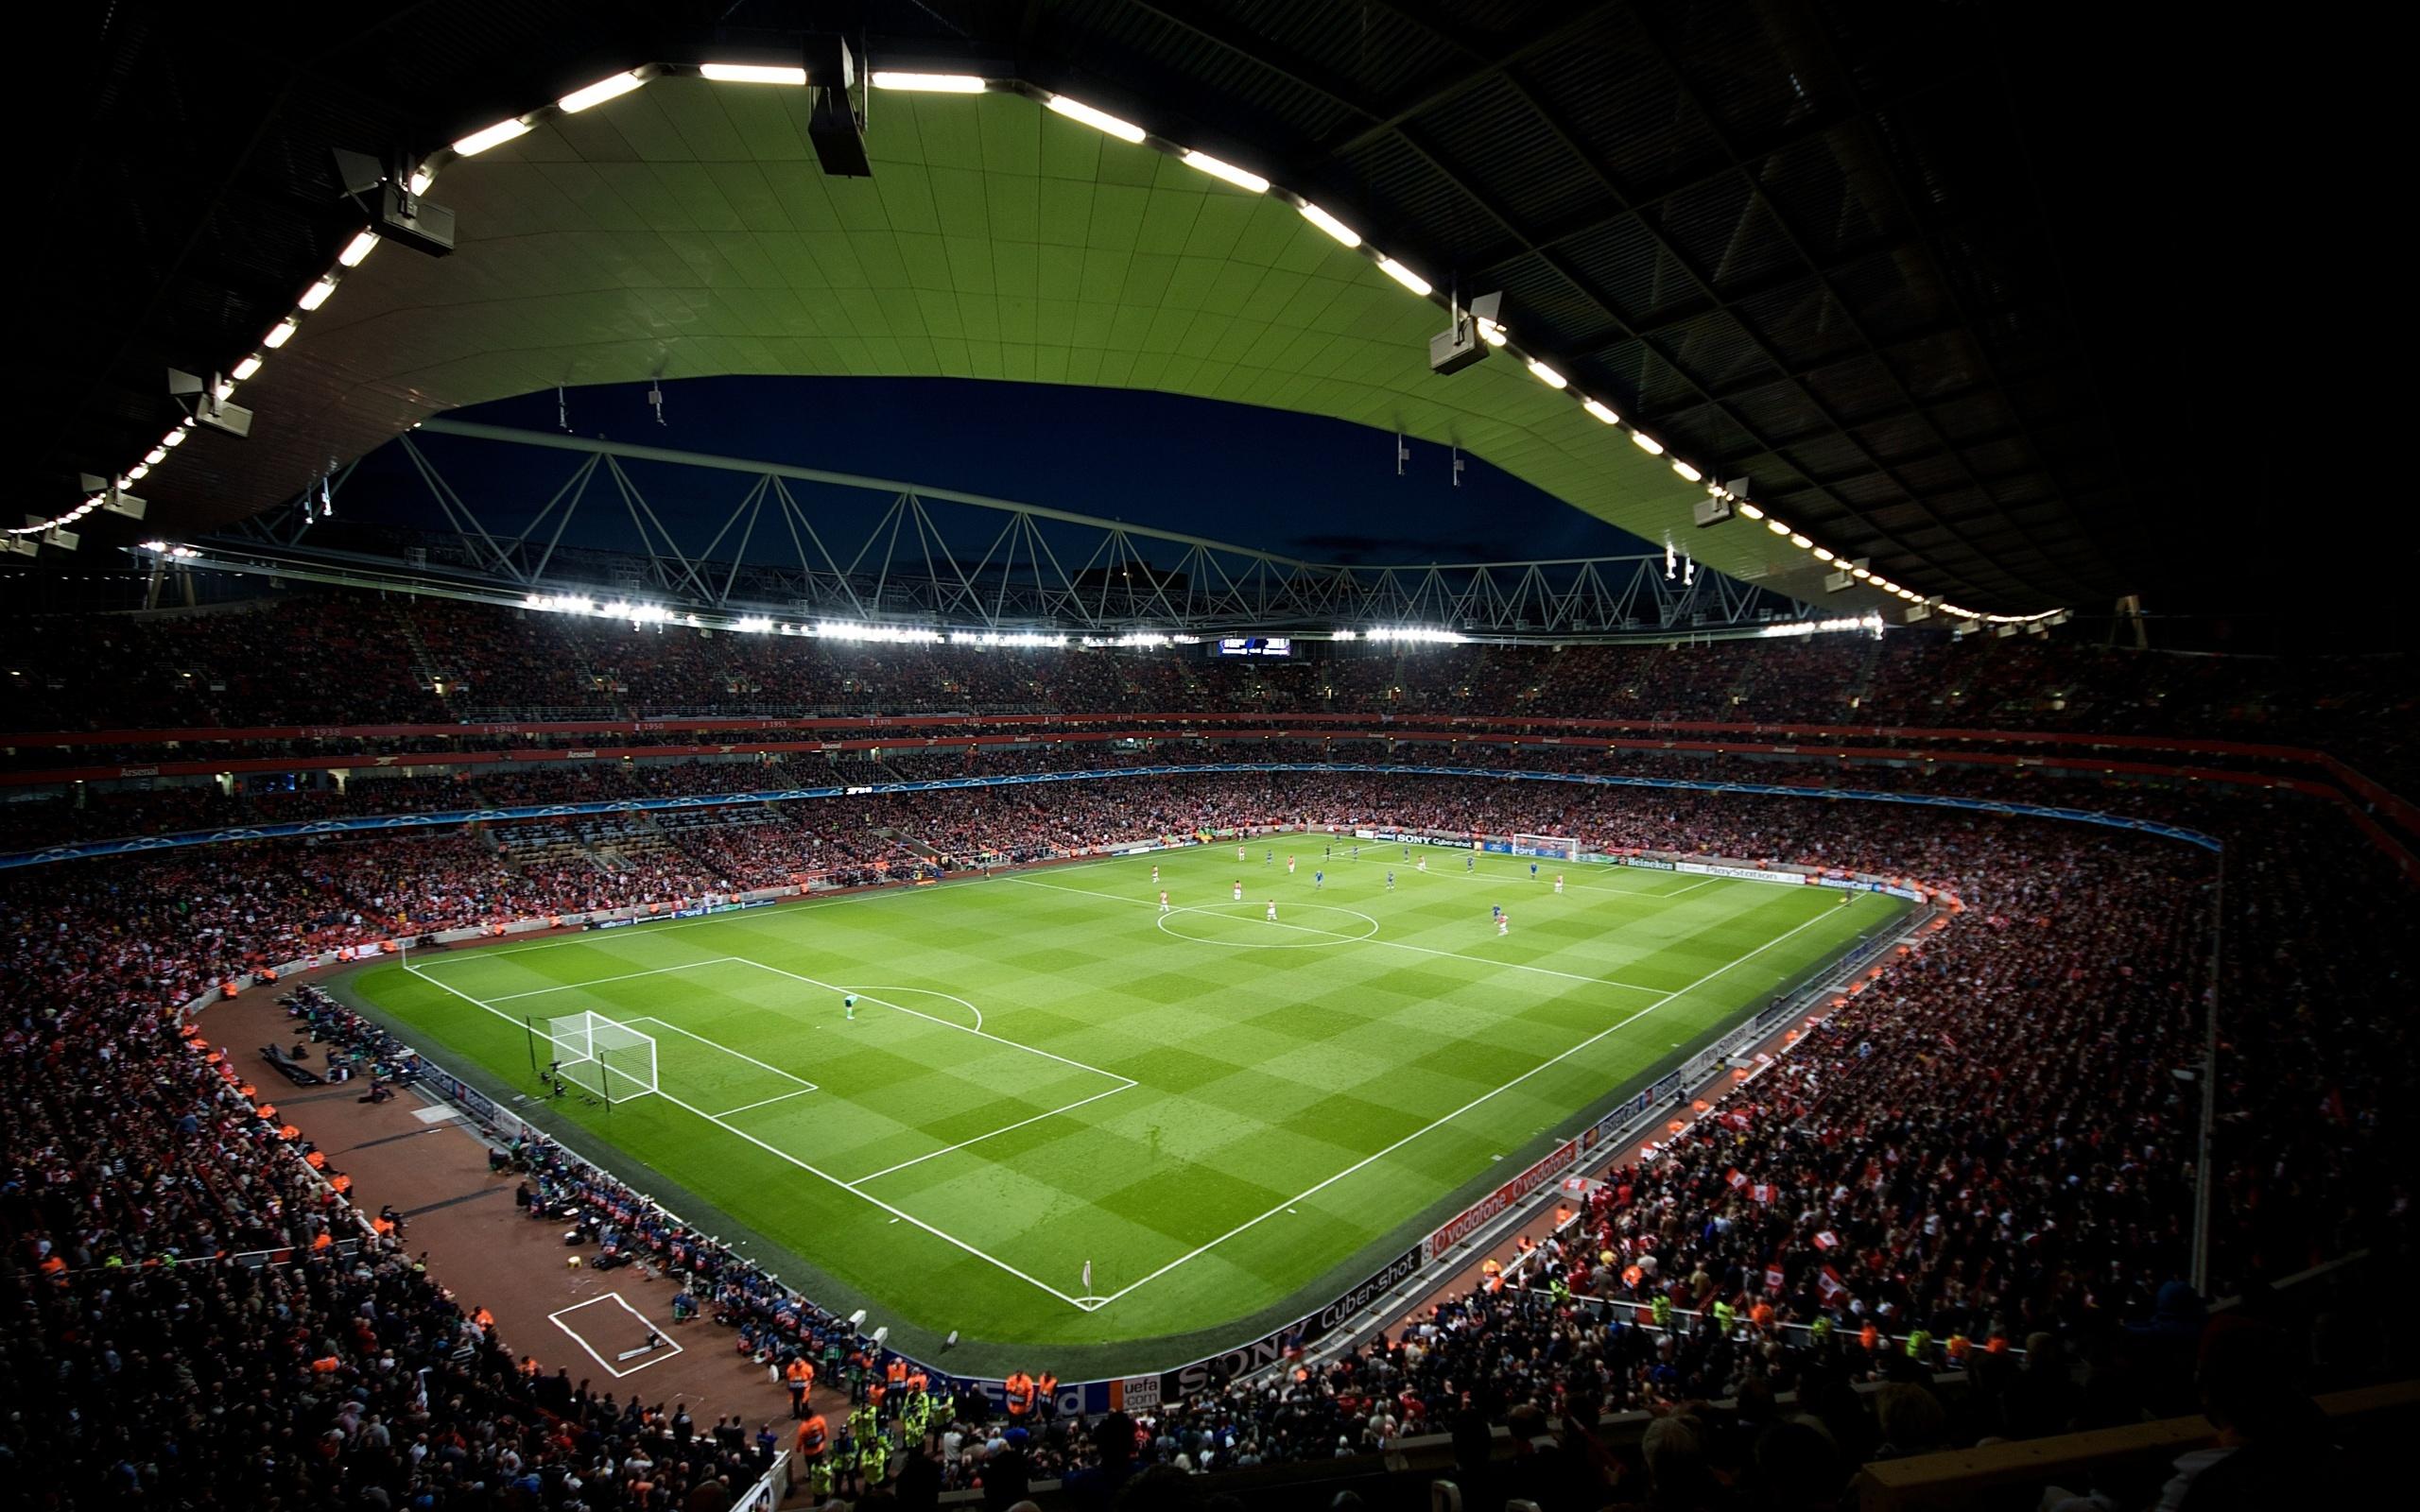 Картинки стадионы футбольные, летием